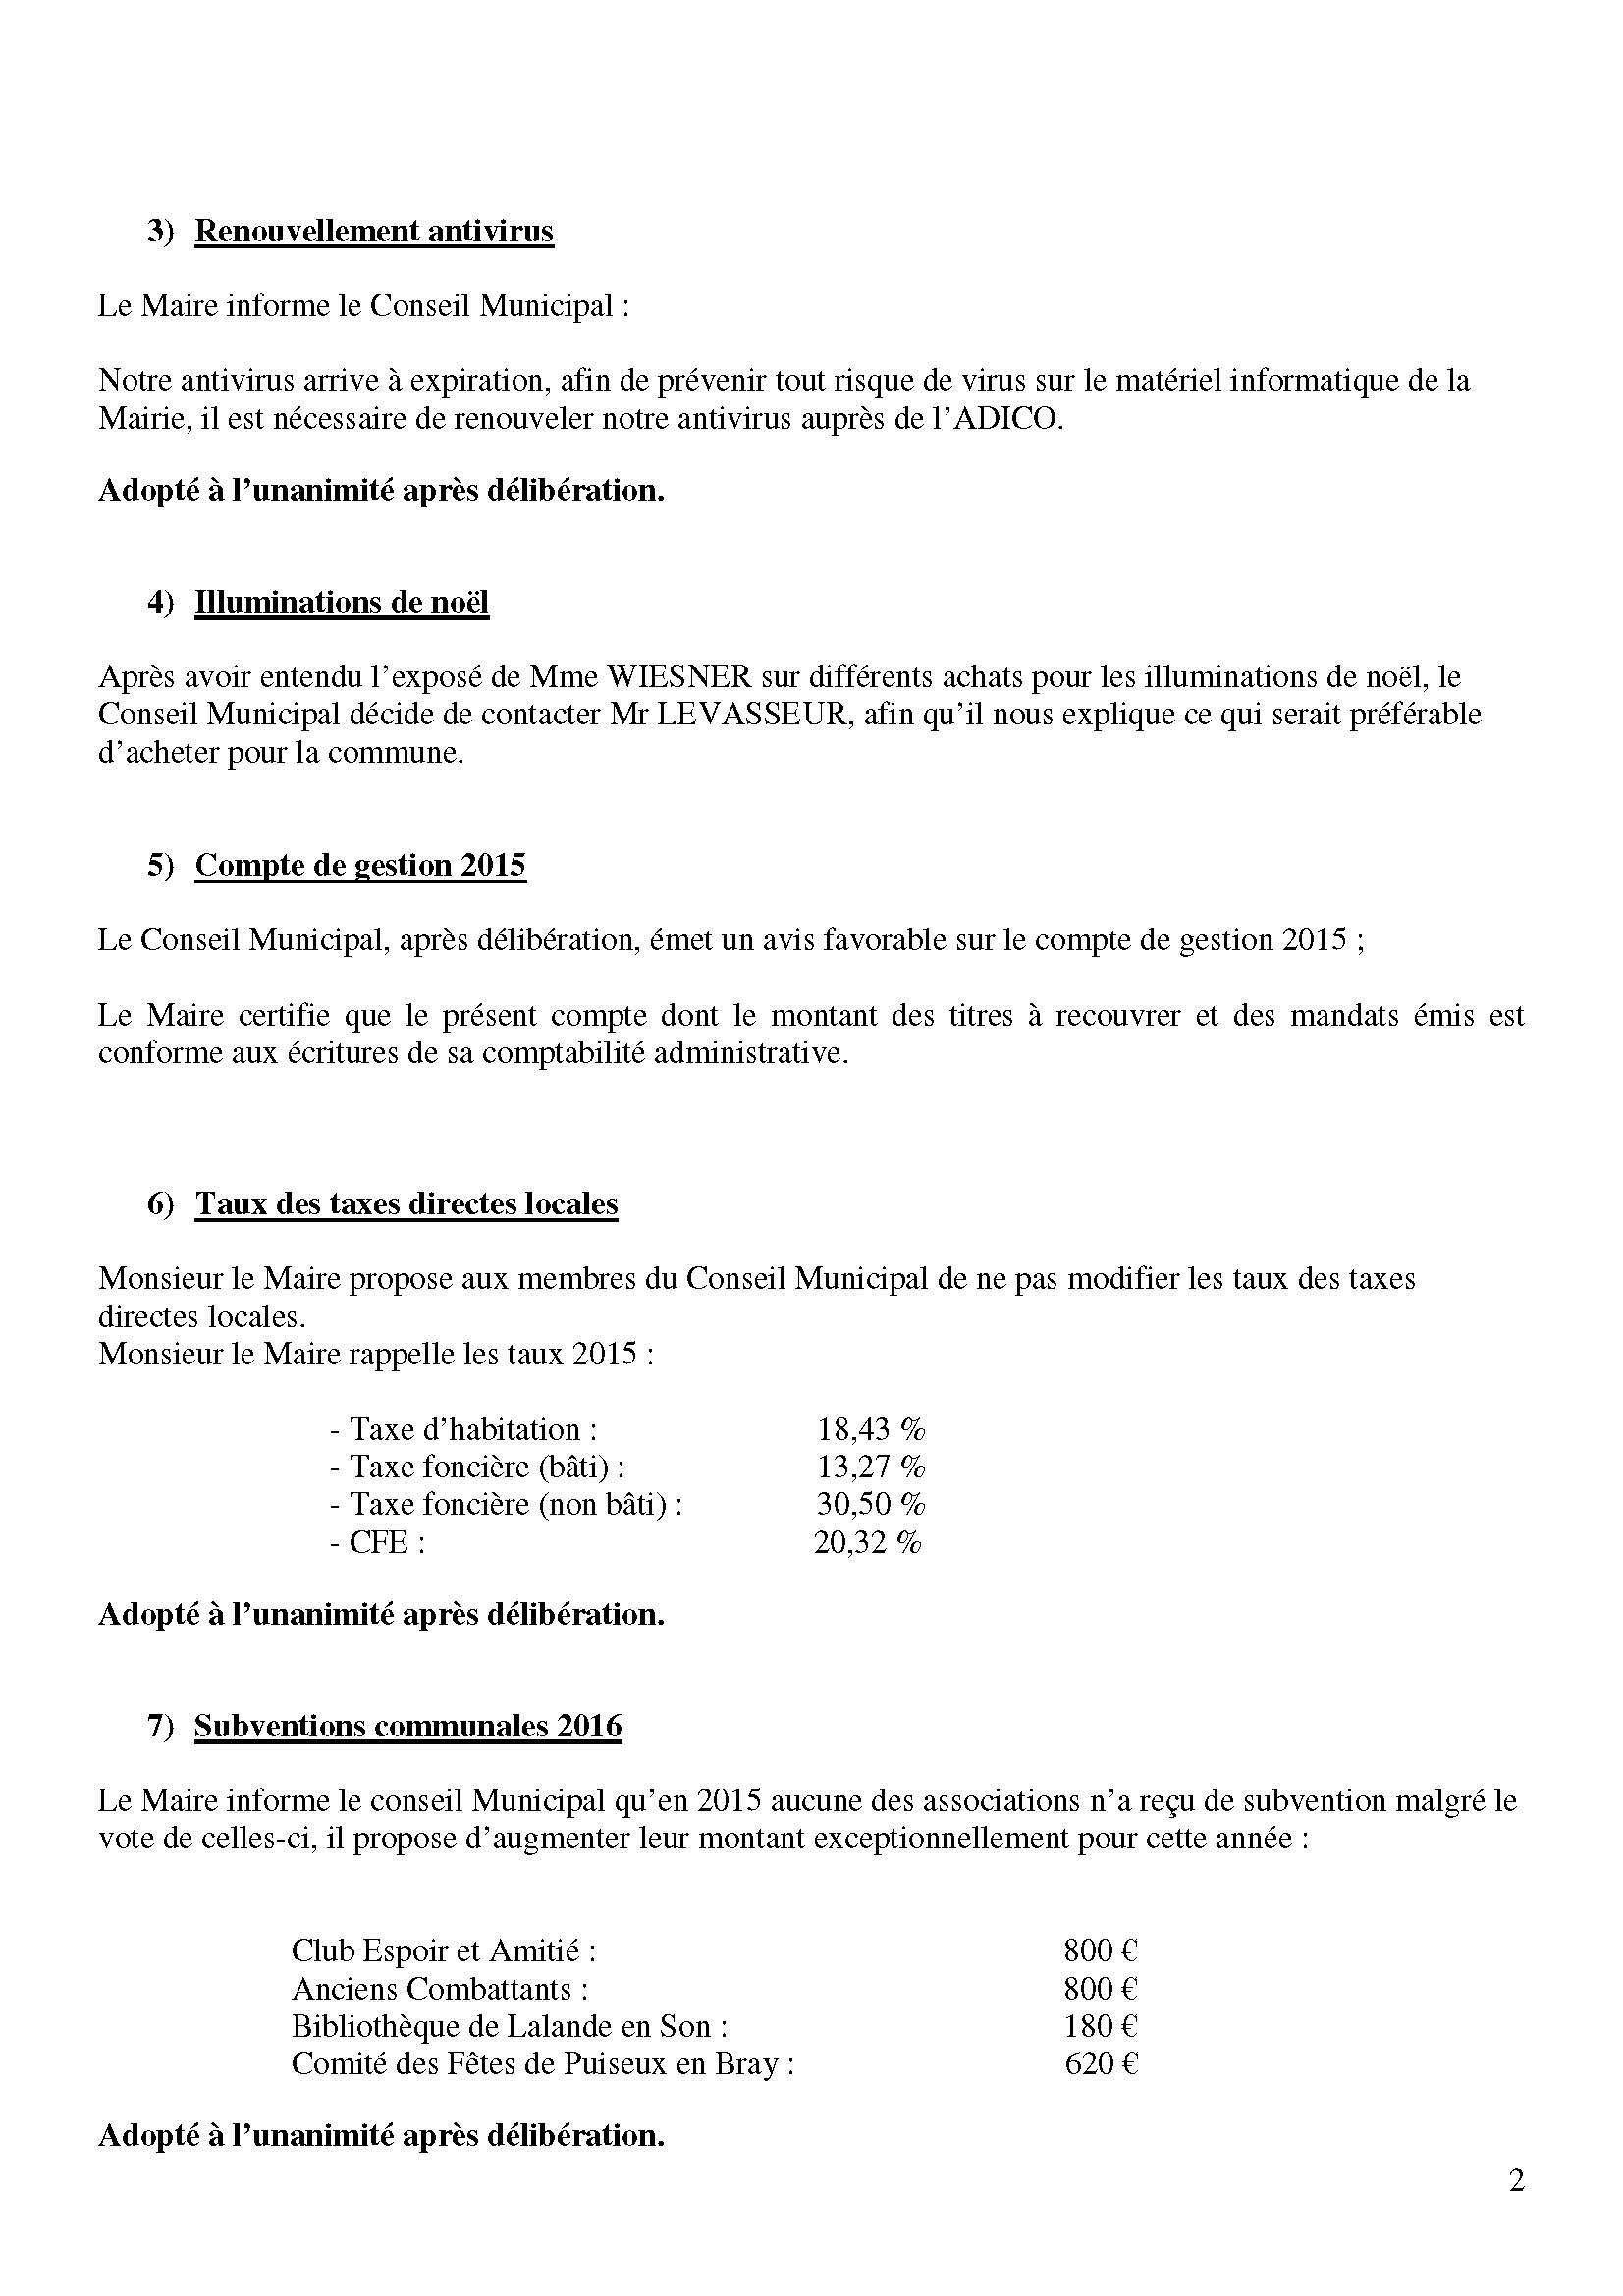 cr-du-01042016-page-2